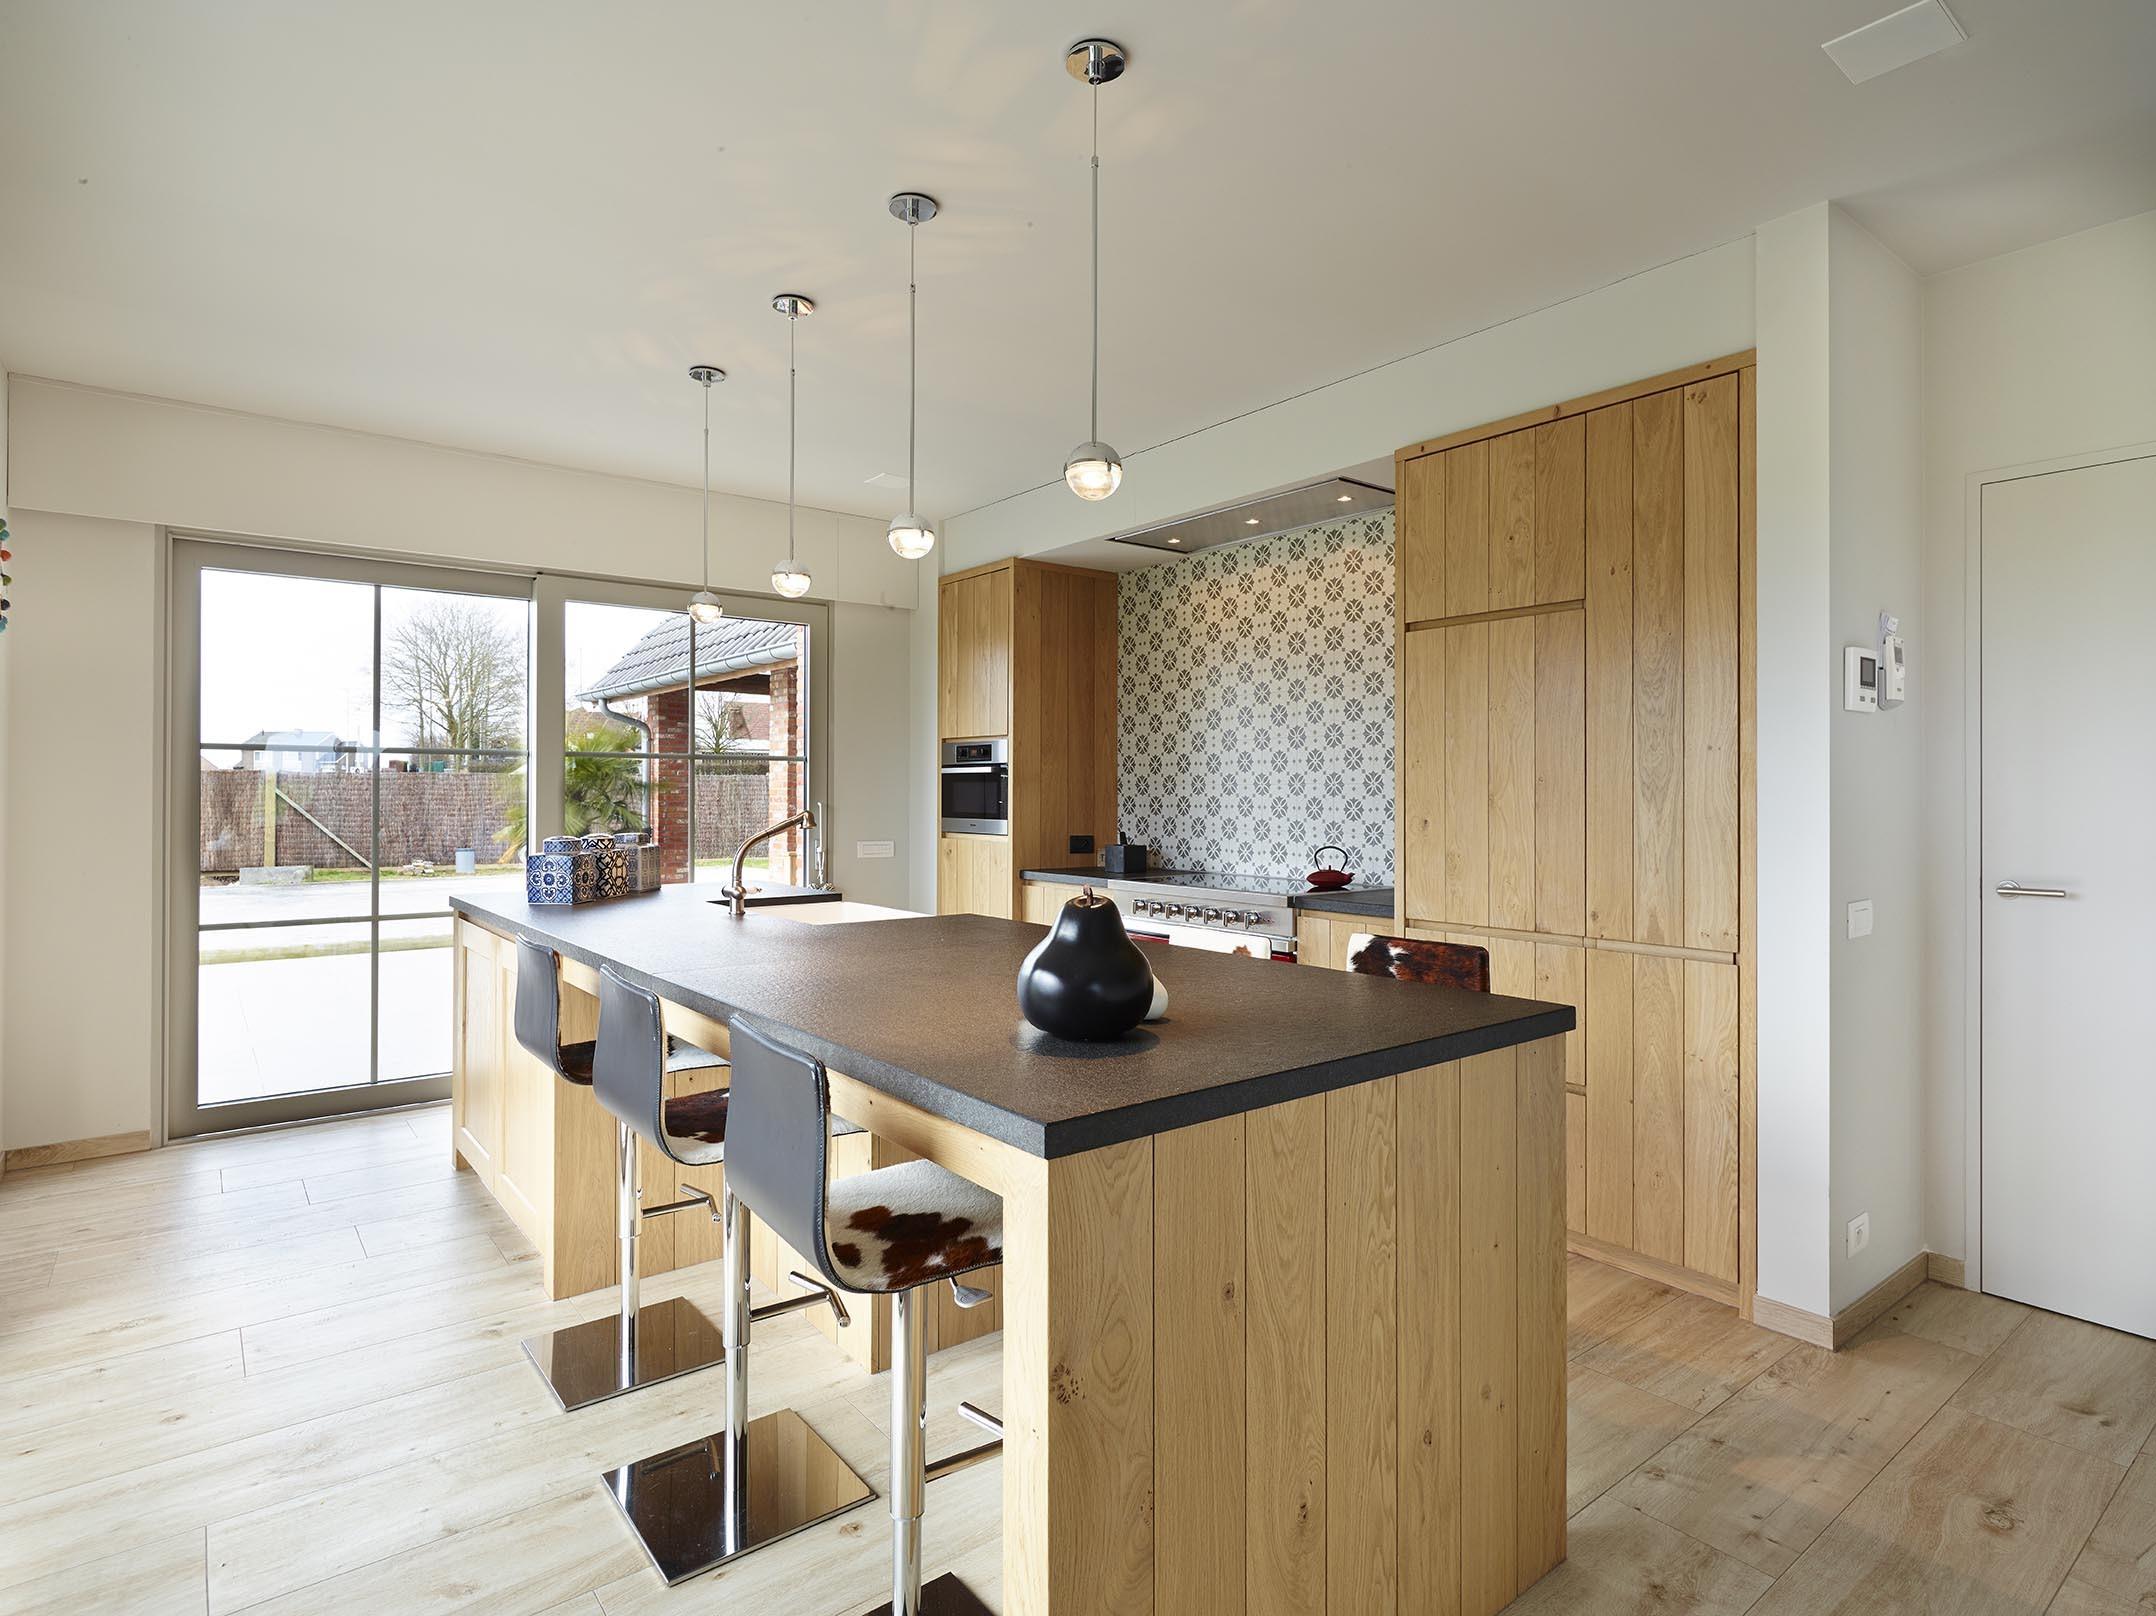 Overzichtsfoto frisse keuken met barstoelen